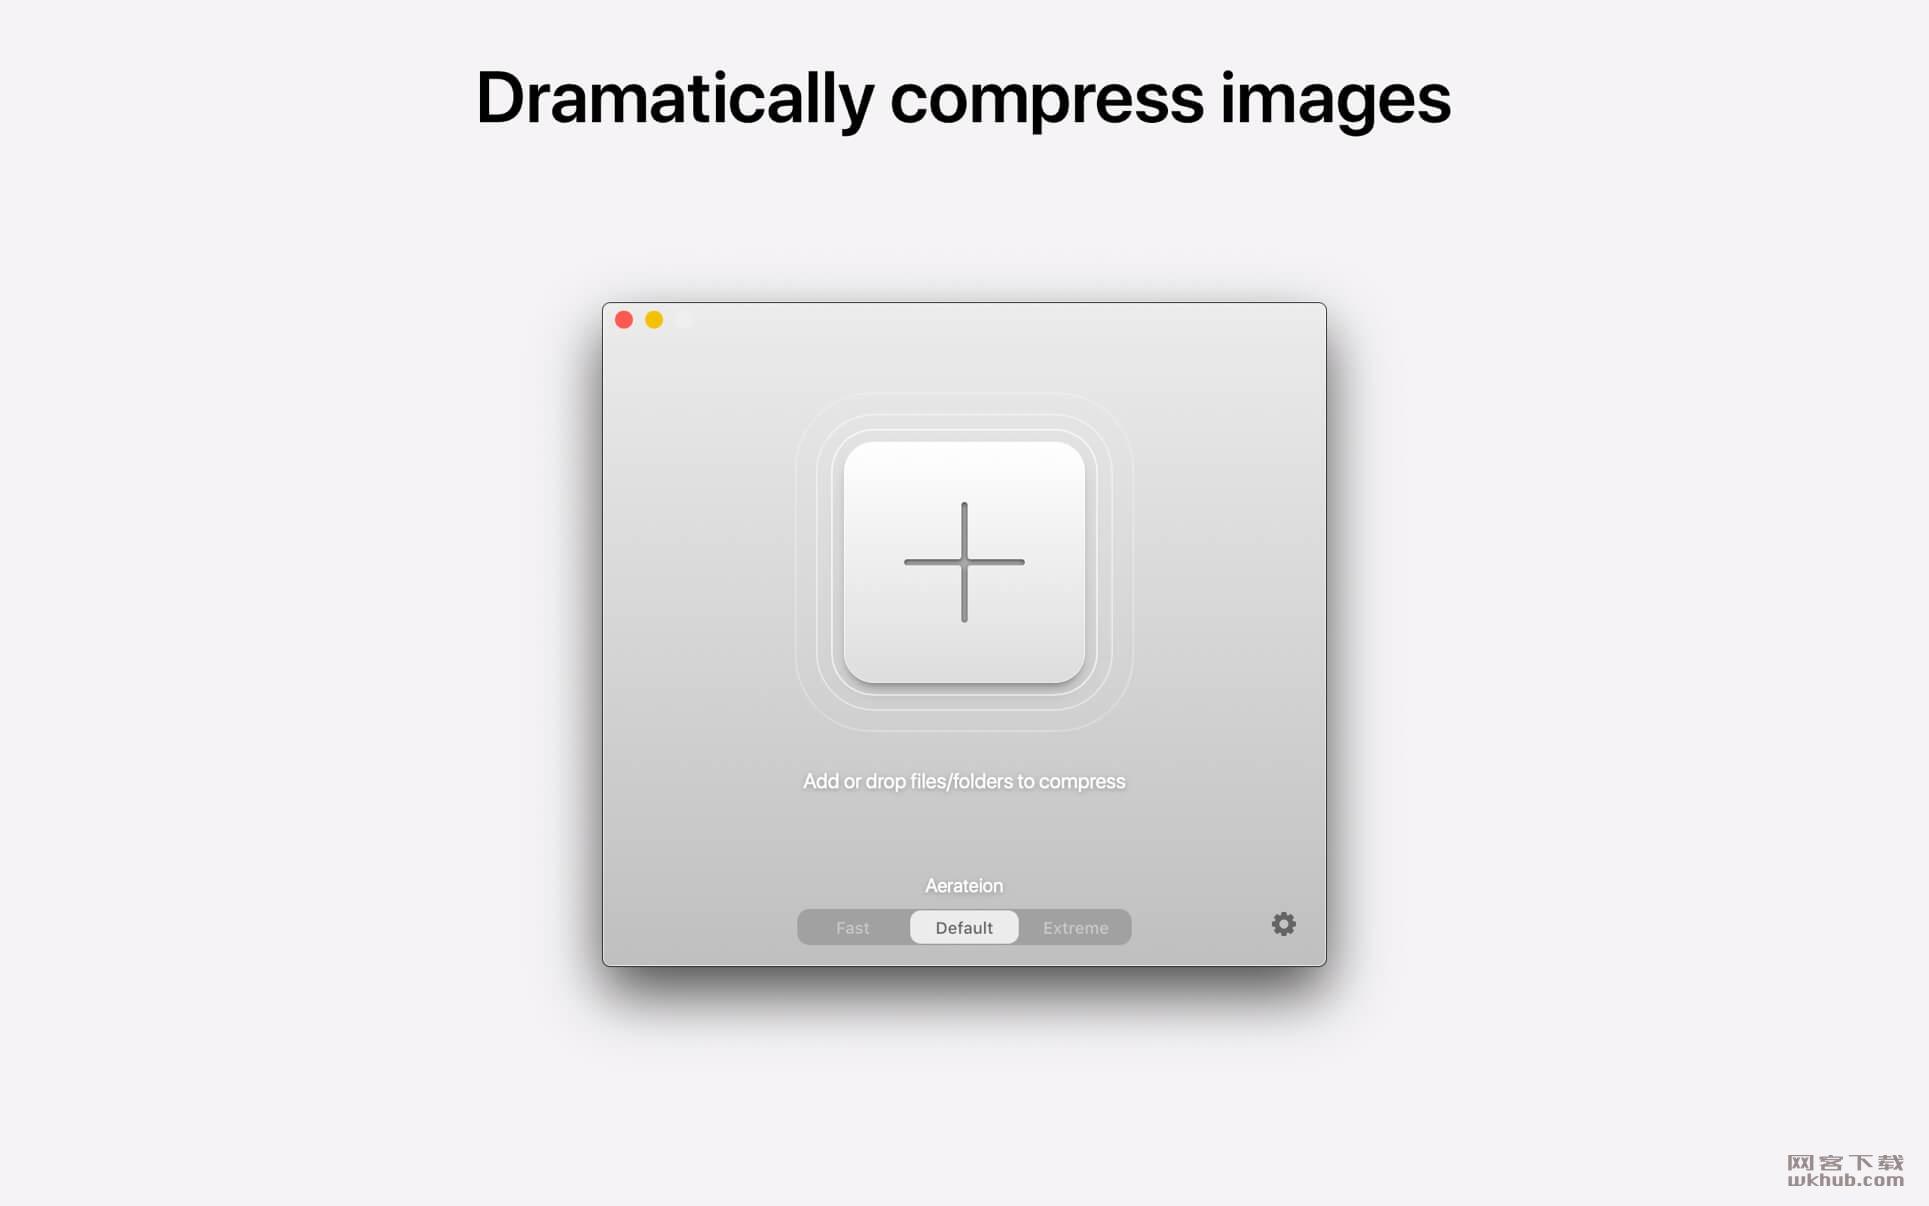 Aerate Pro 2.0.1 图片压缩转换工具